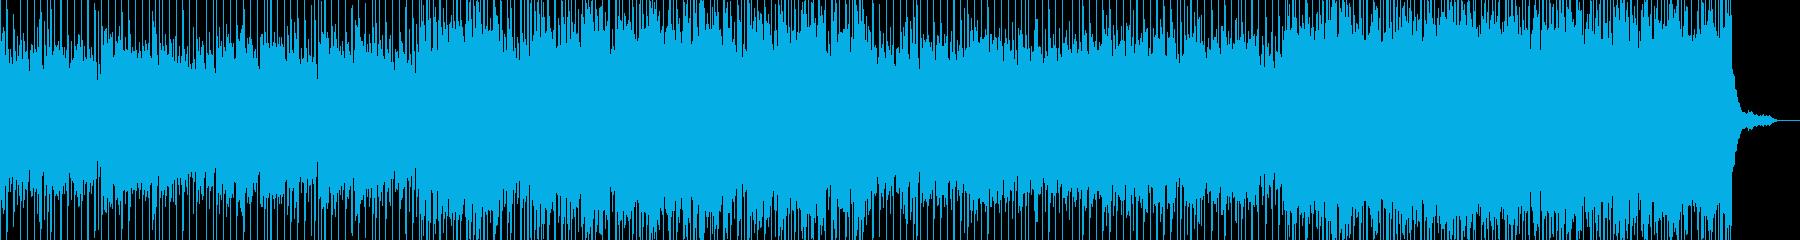 カントリー 民謡 広い 壮大 ほの...の再生済みの波形